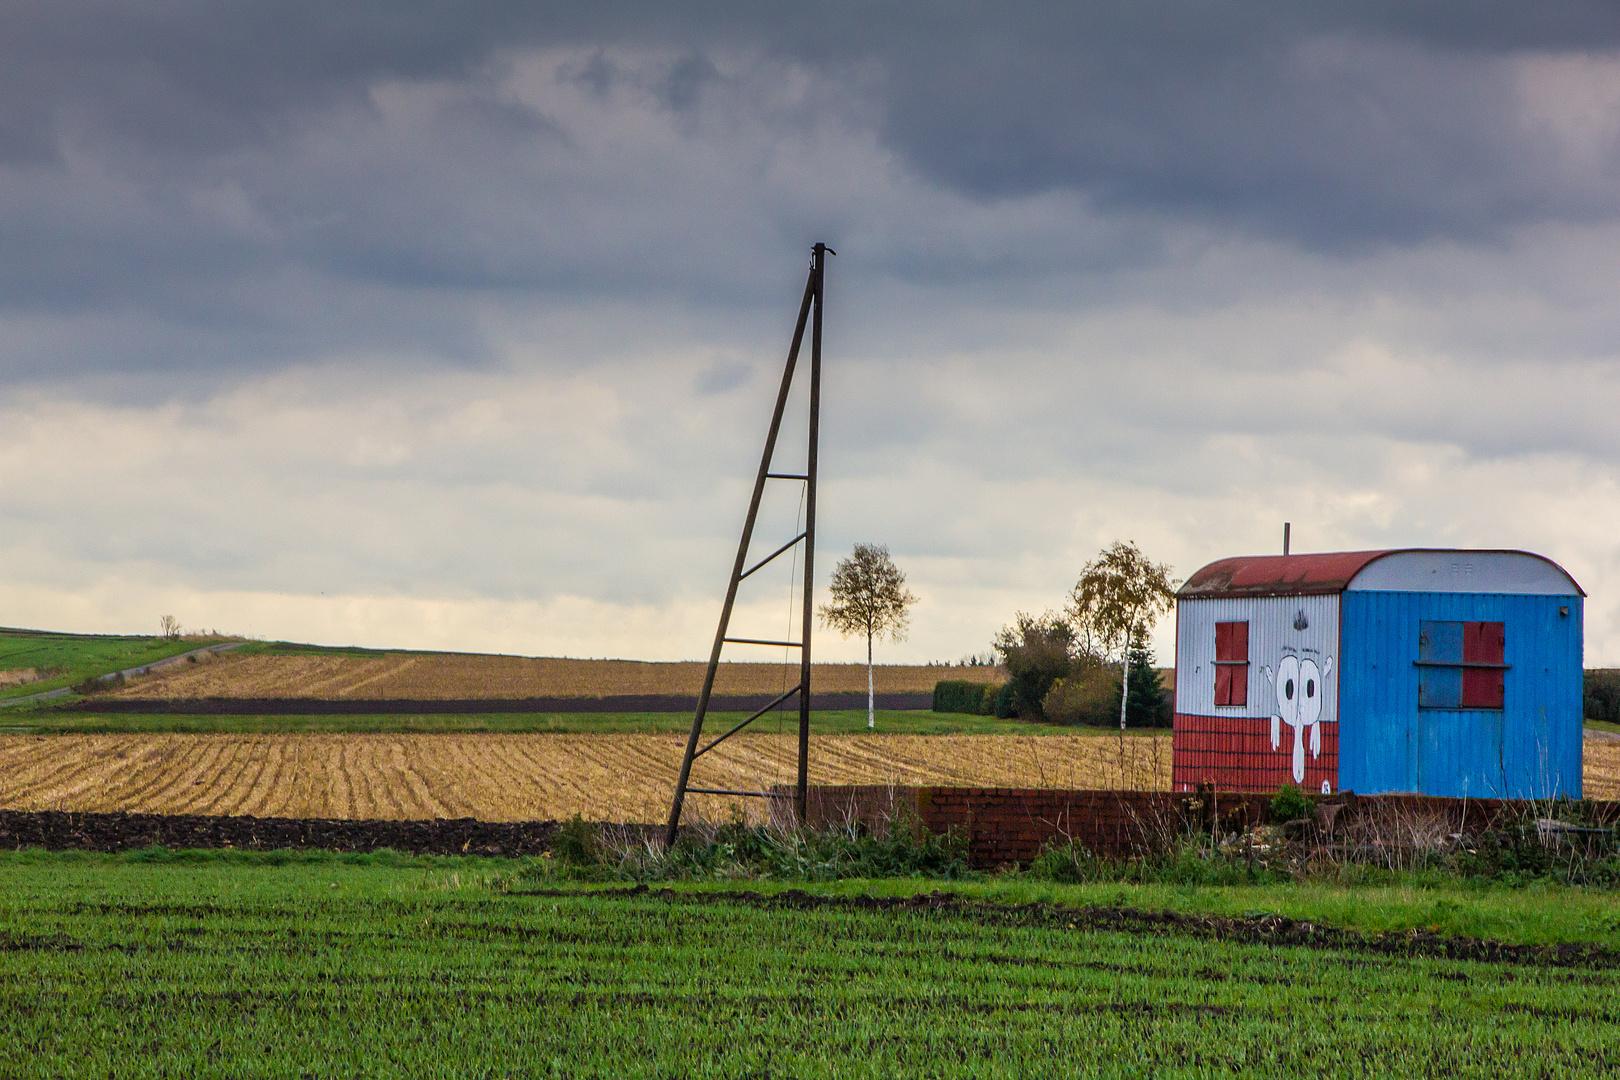 Schöner Wohnen Auf Dem Lande Foto Bild Landschaft äcker Felder